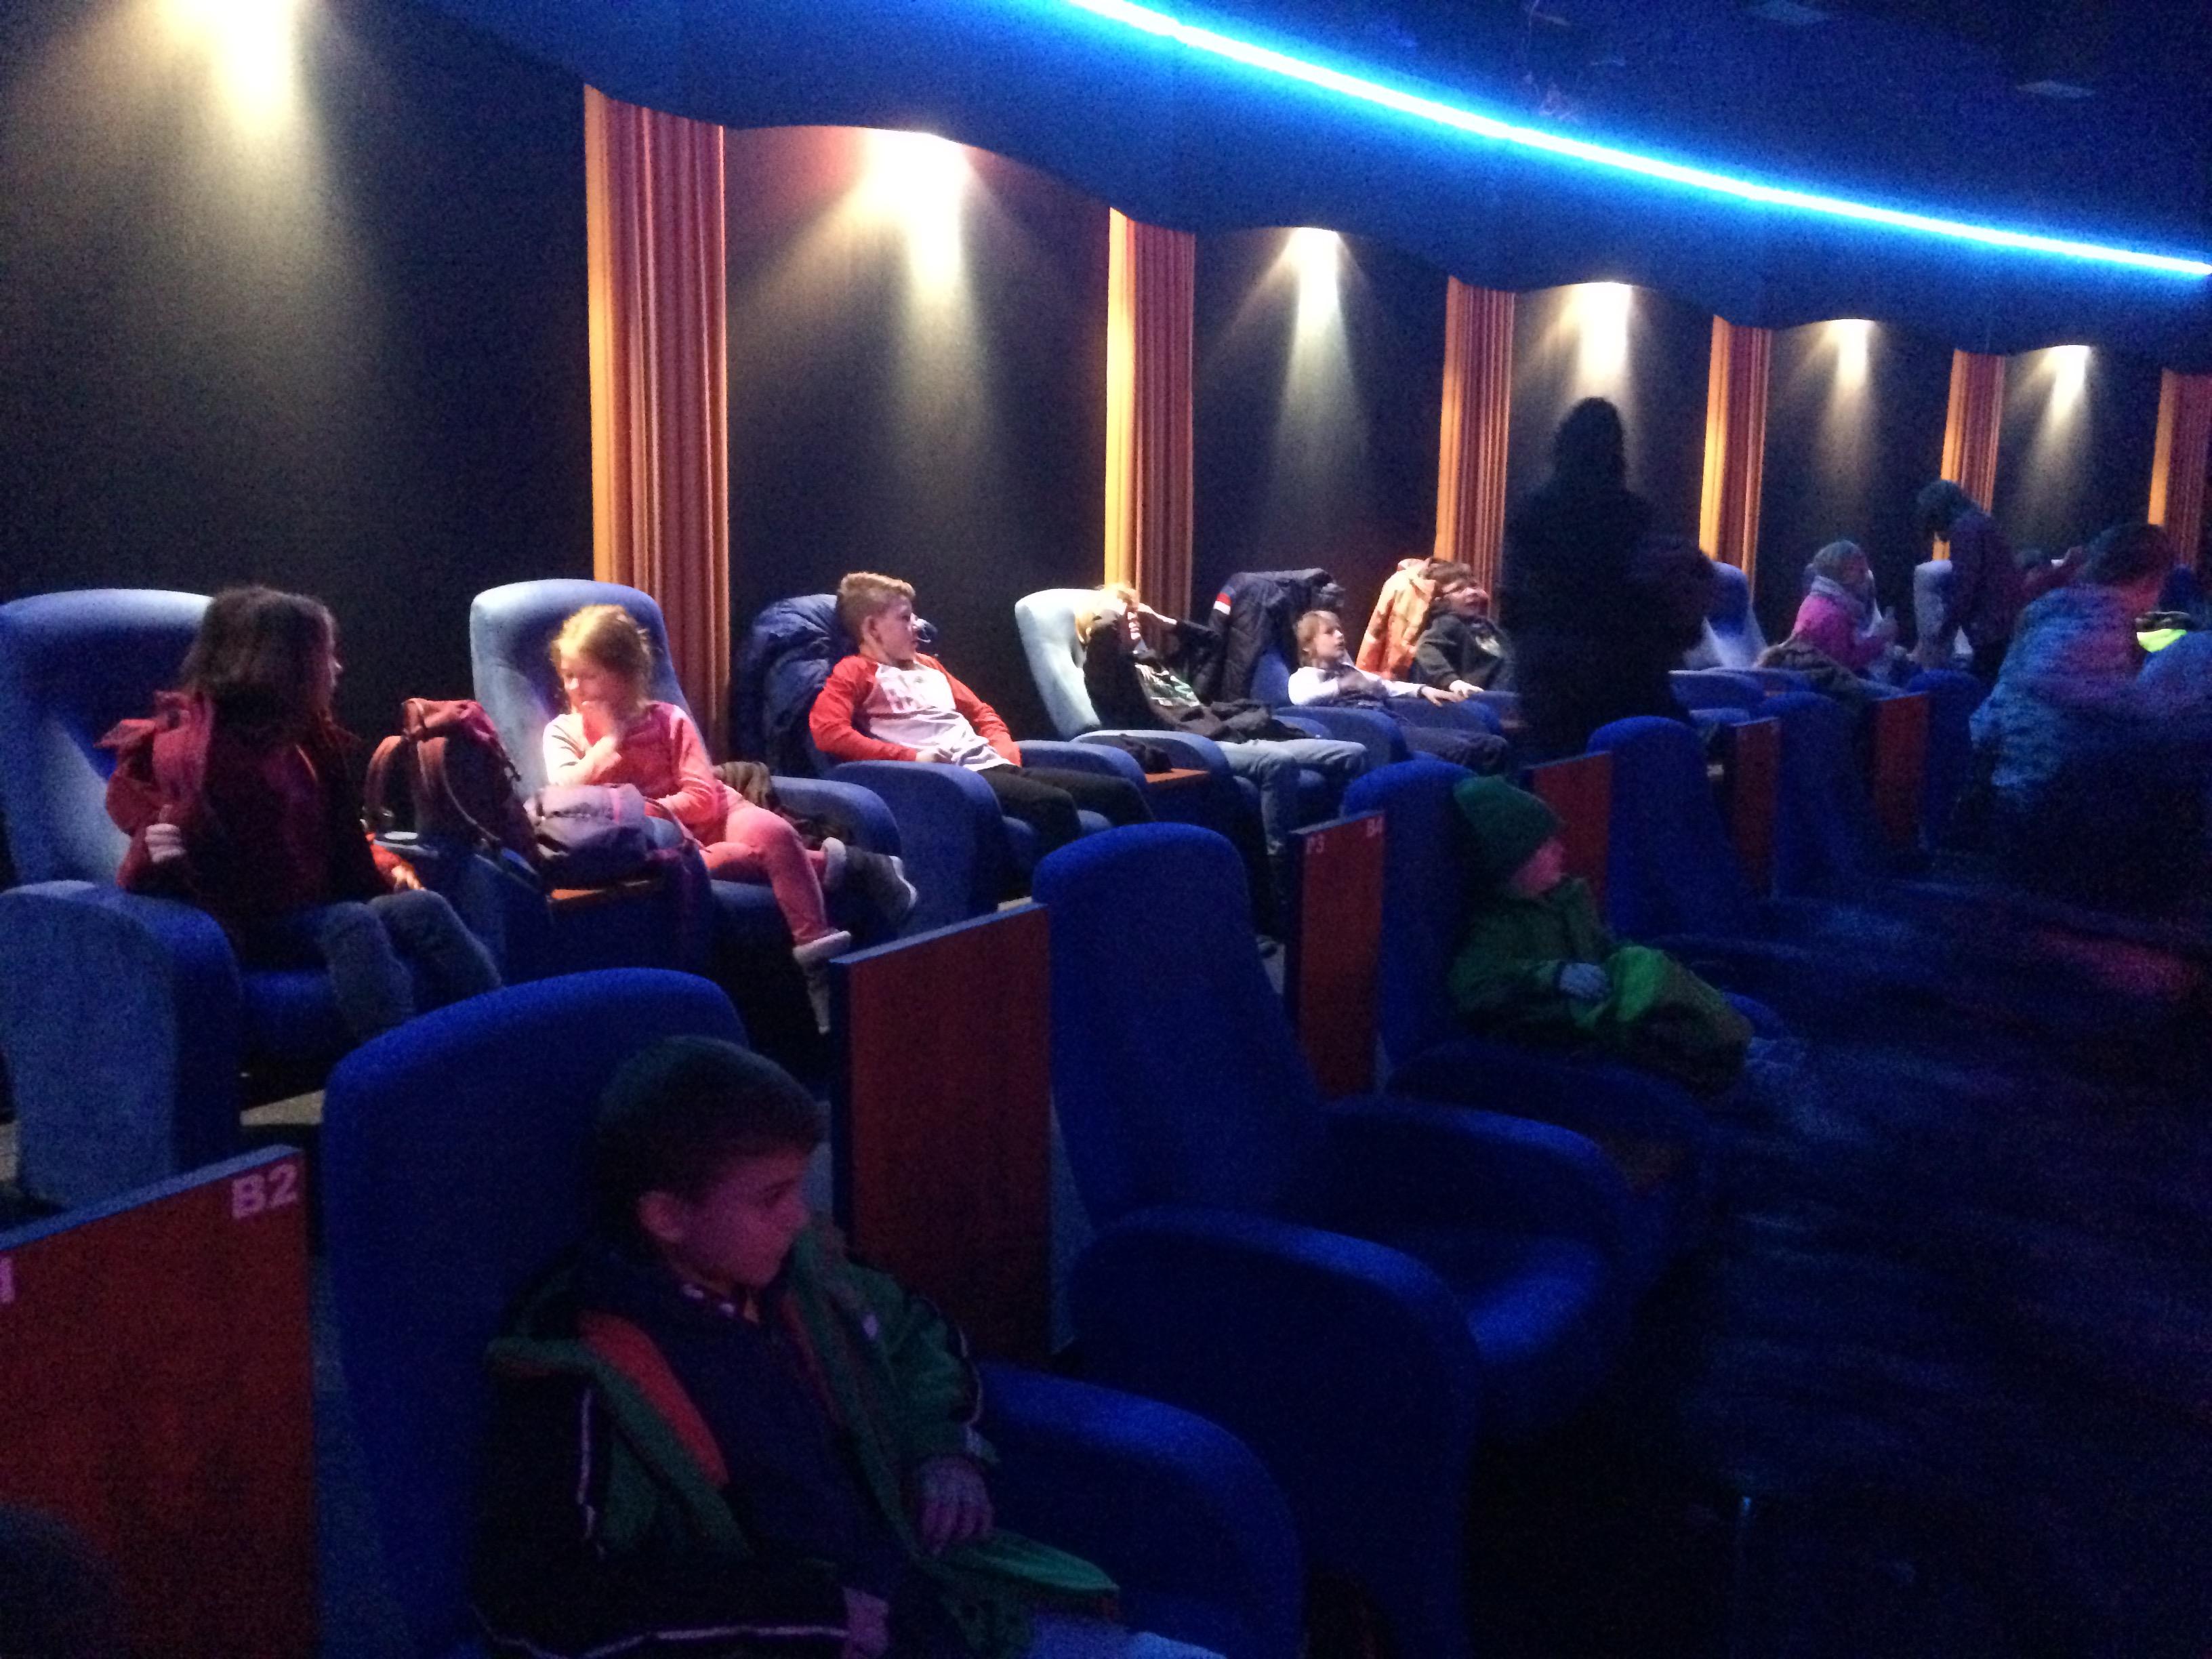 Kino Lüdenscheid Programm